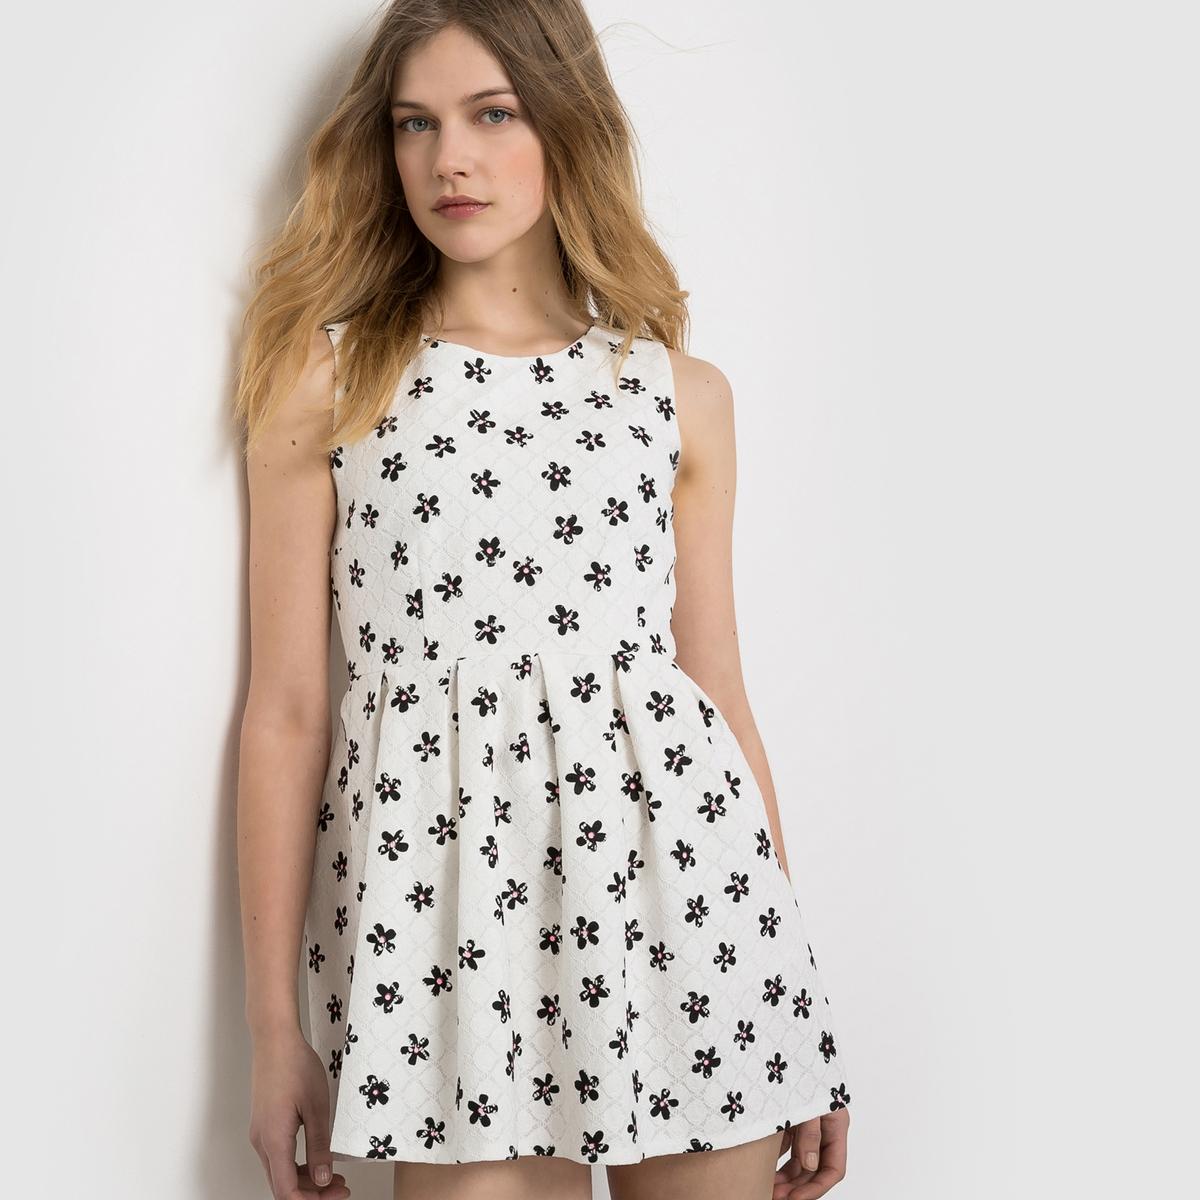 где купить Платье с короткими рукавами по лучшей цене